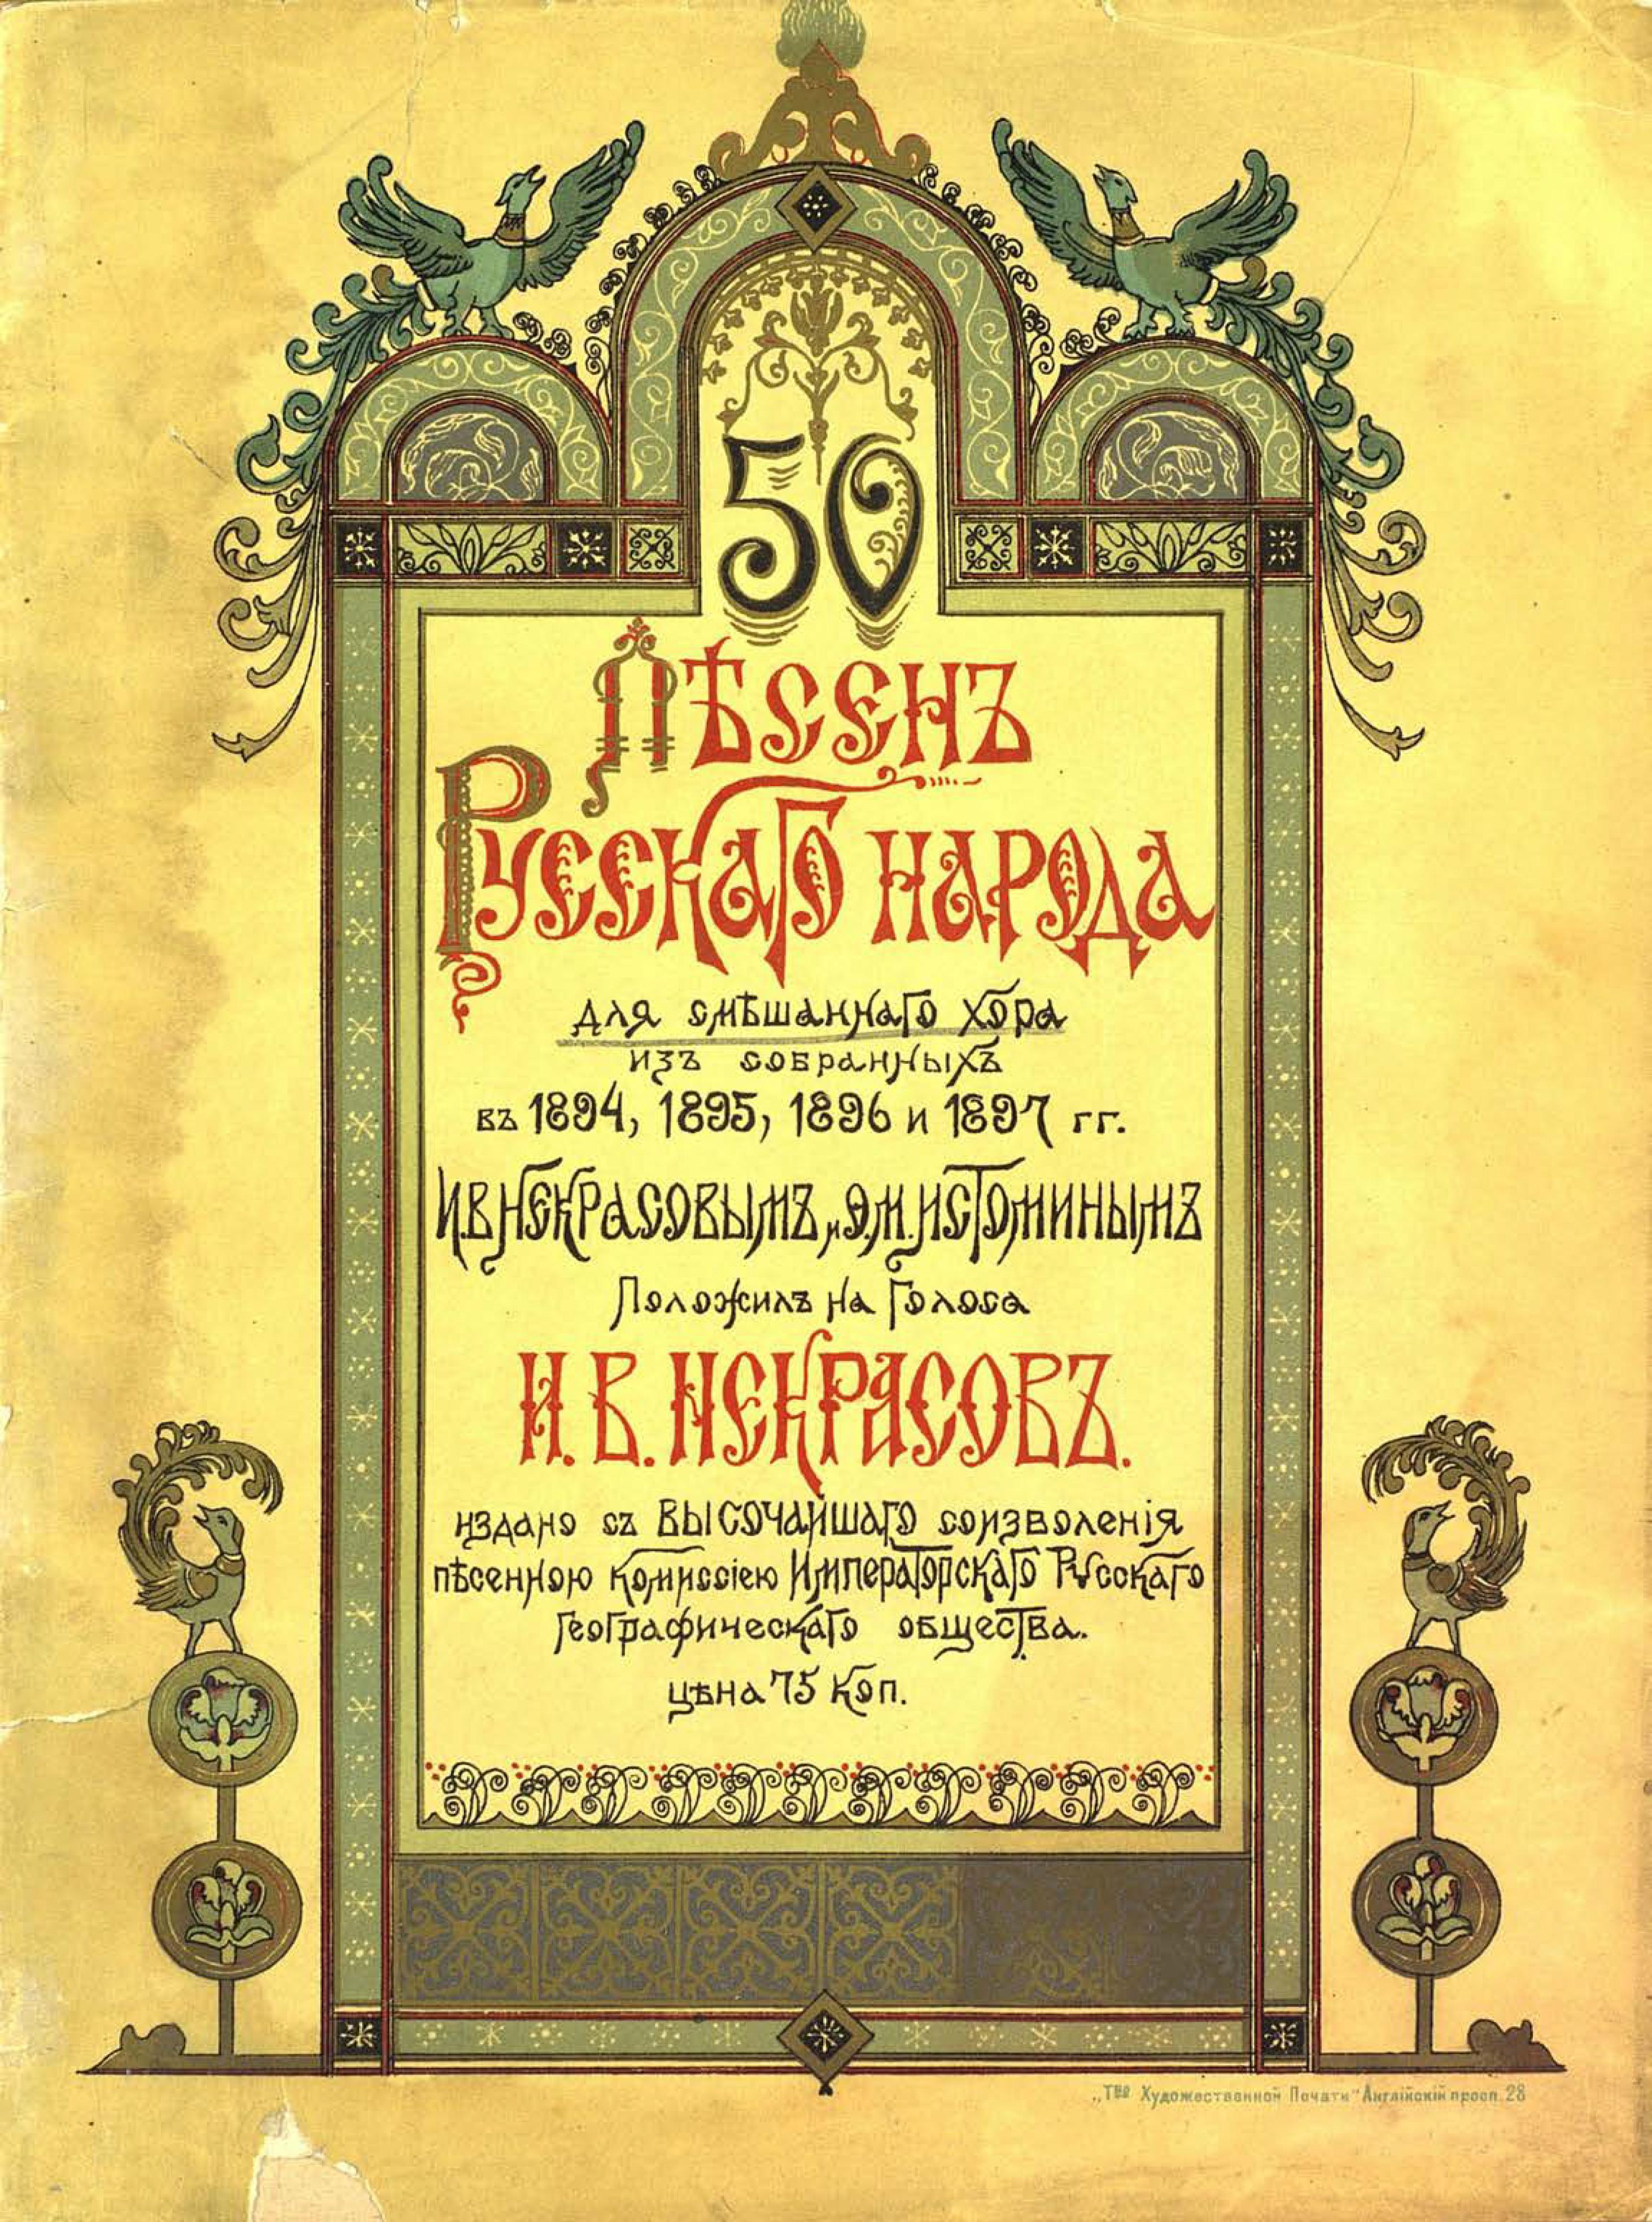 И. В. Некрасов 50 песен русского народа в даниленко картина мира в былинах русского народа